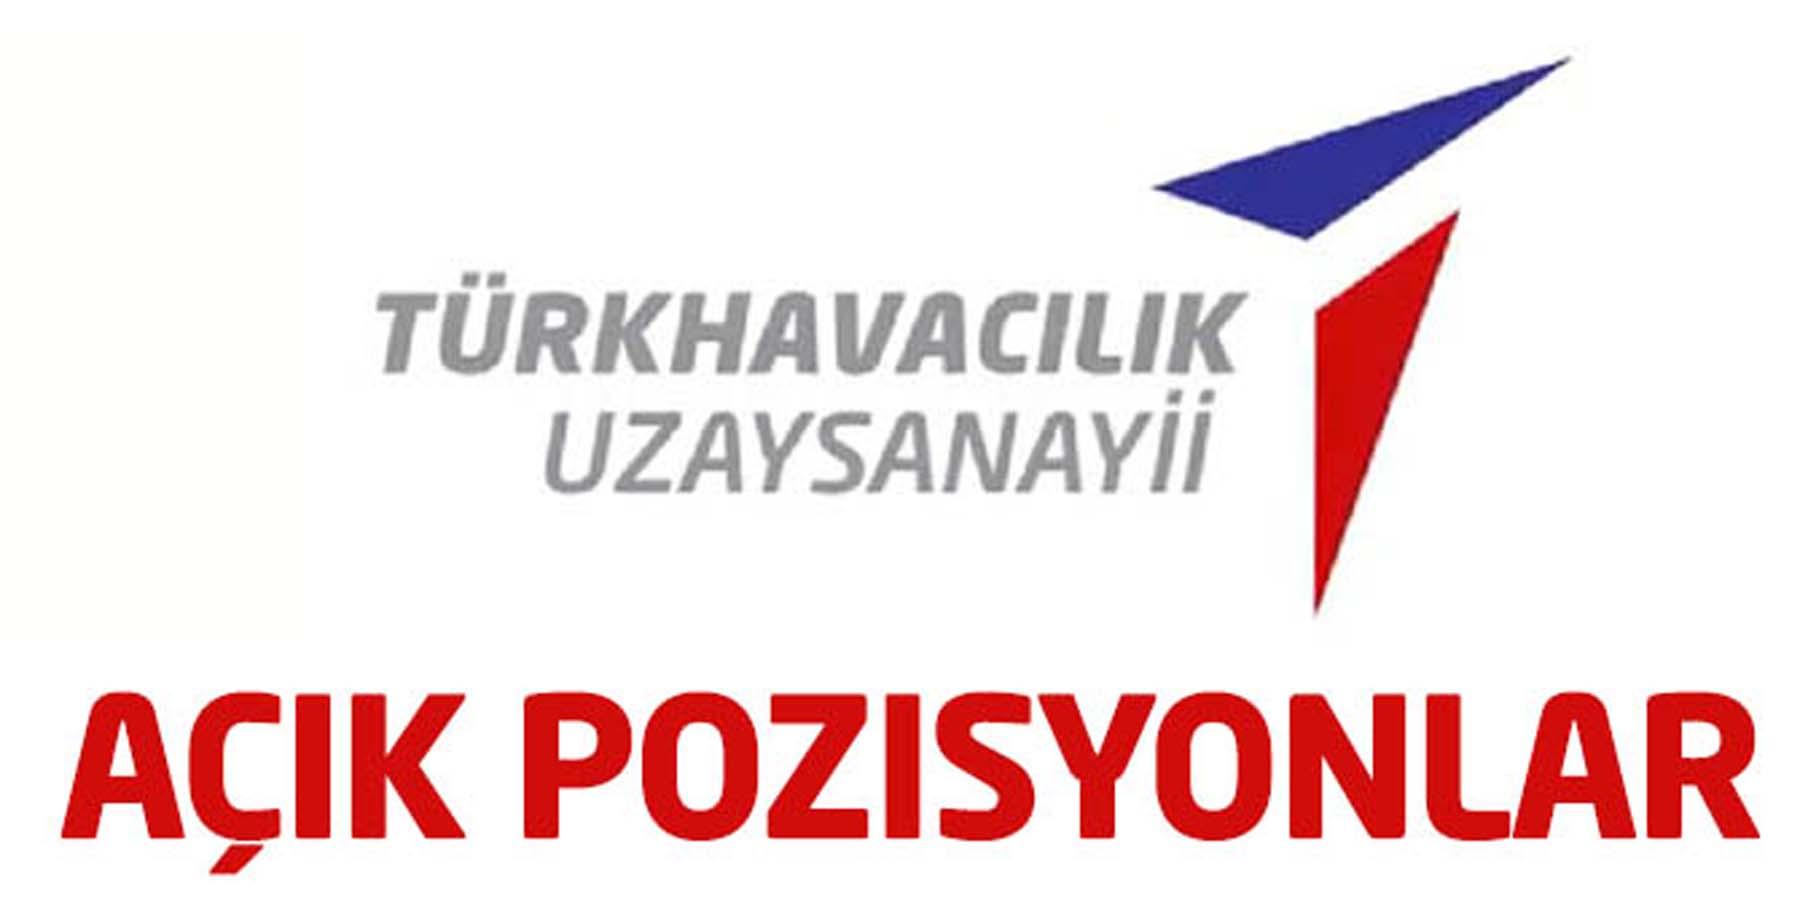 Türk Havacılık Uzay Sanayii Açık Pozisyonlar